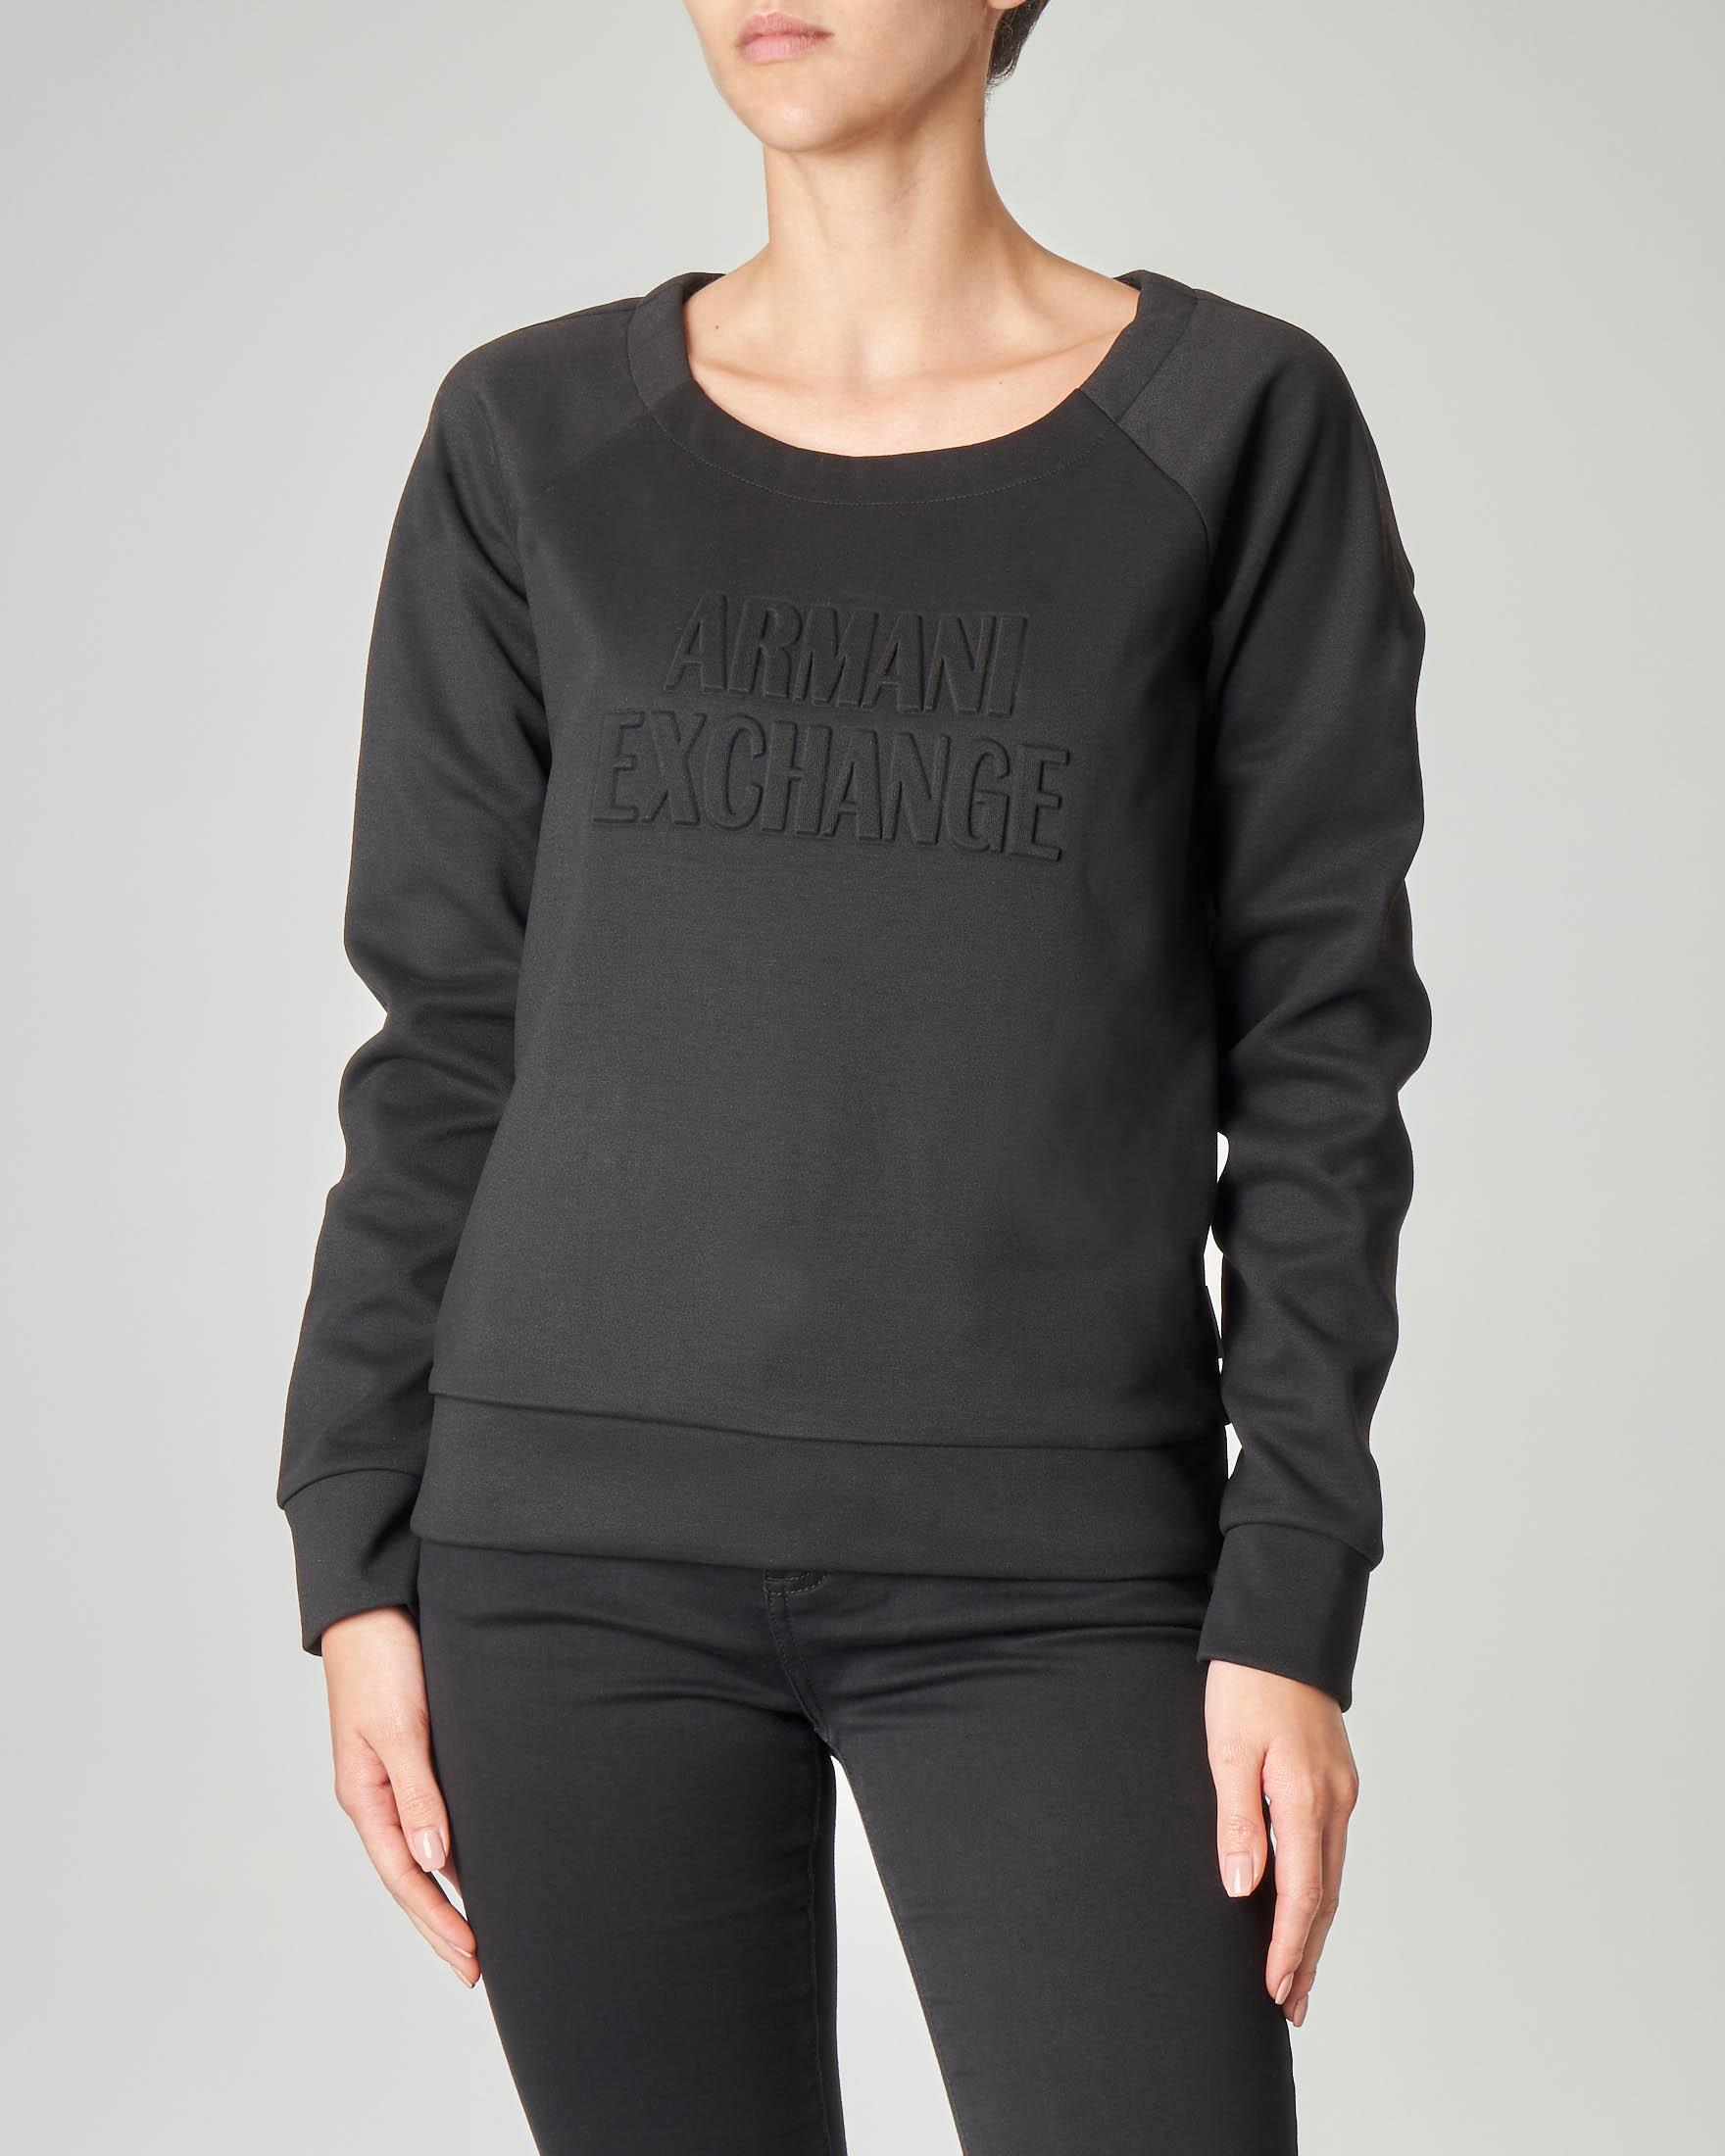 Felpa nera con scollo ampio tondo e scritta logo in bassorilievo tono su tono